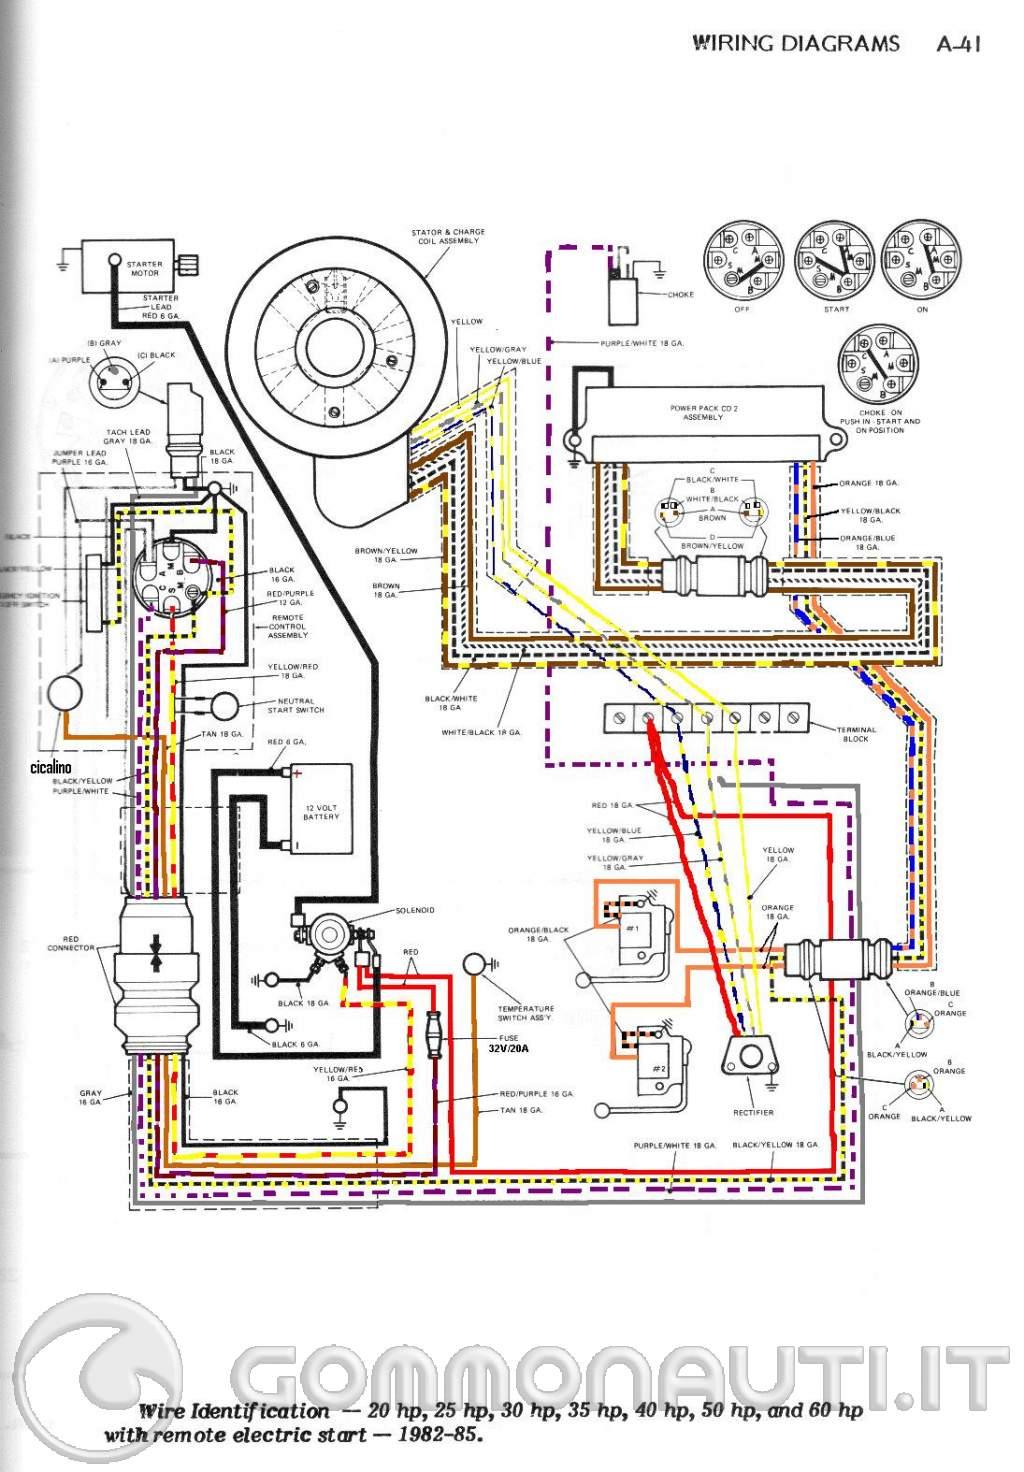 Schema Elettrico Johnson : Trapianto avviamento elettrico da evinrude cv al